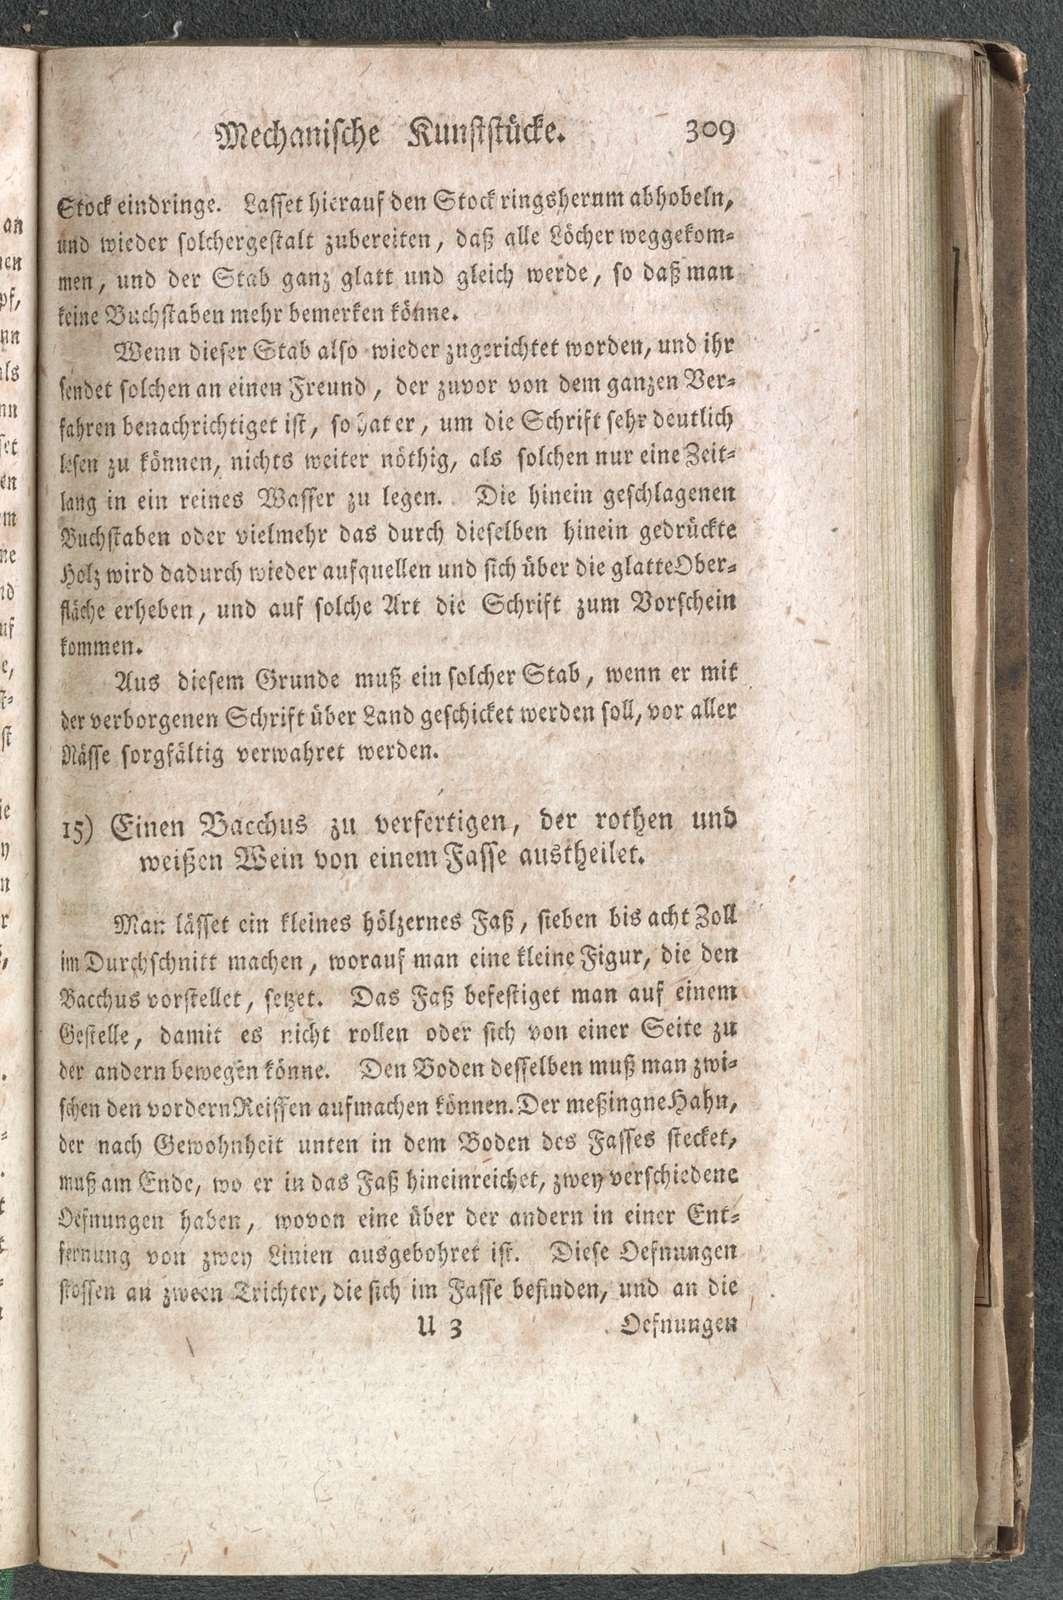 Die naturliche Magie : aus allerhand belustigenden und nutzlichen Kunststucken bestehend / zusammengetragen von Johann Christian Wiegleb.